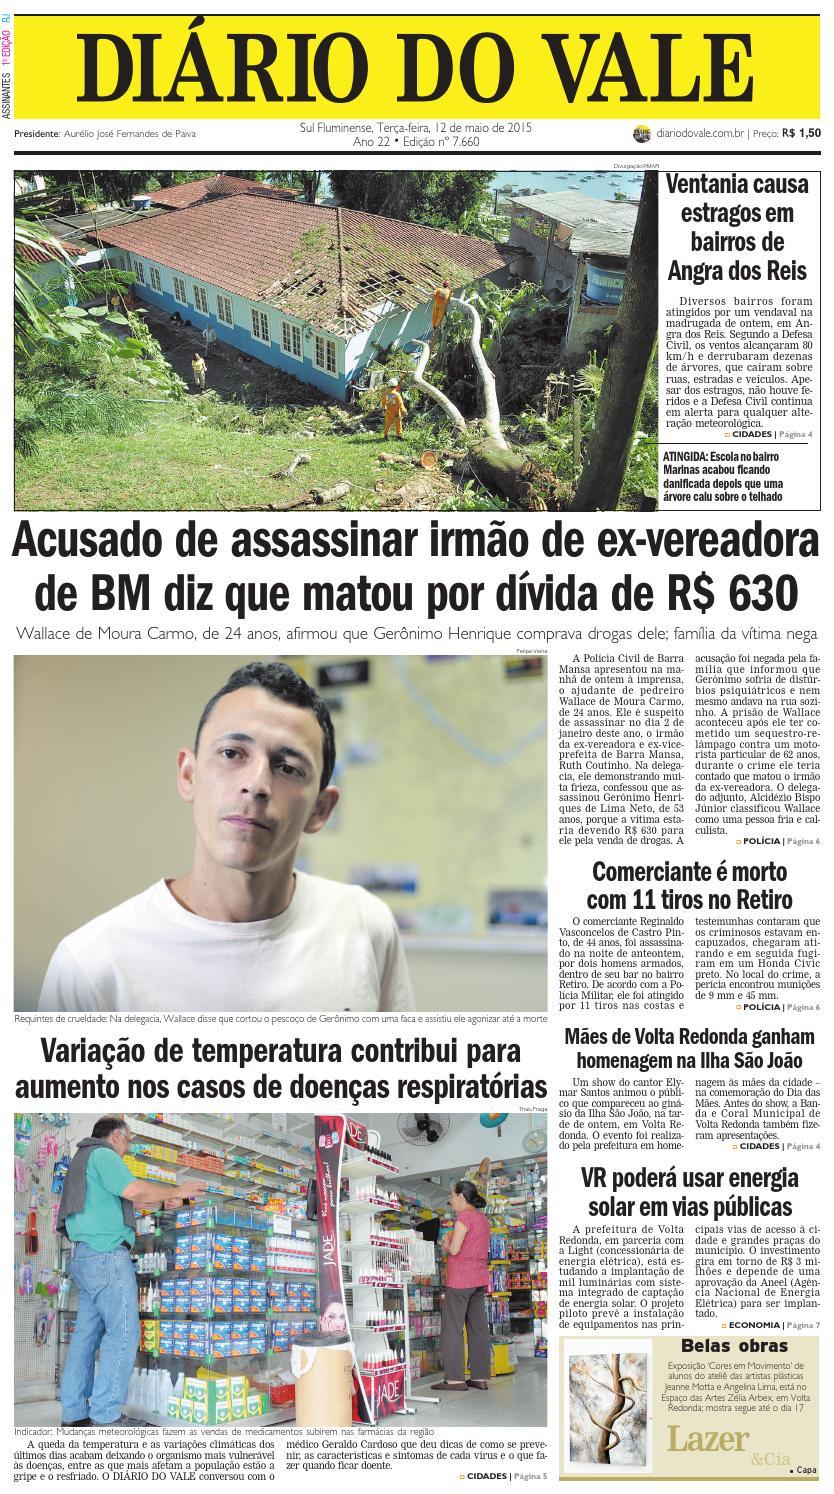 32751af61 7660 diario terca feira 12 05 2015 by Diário do Vale - issuu